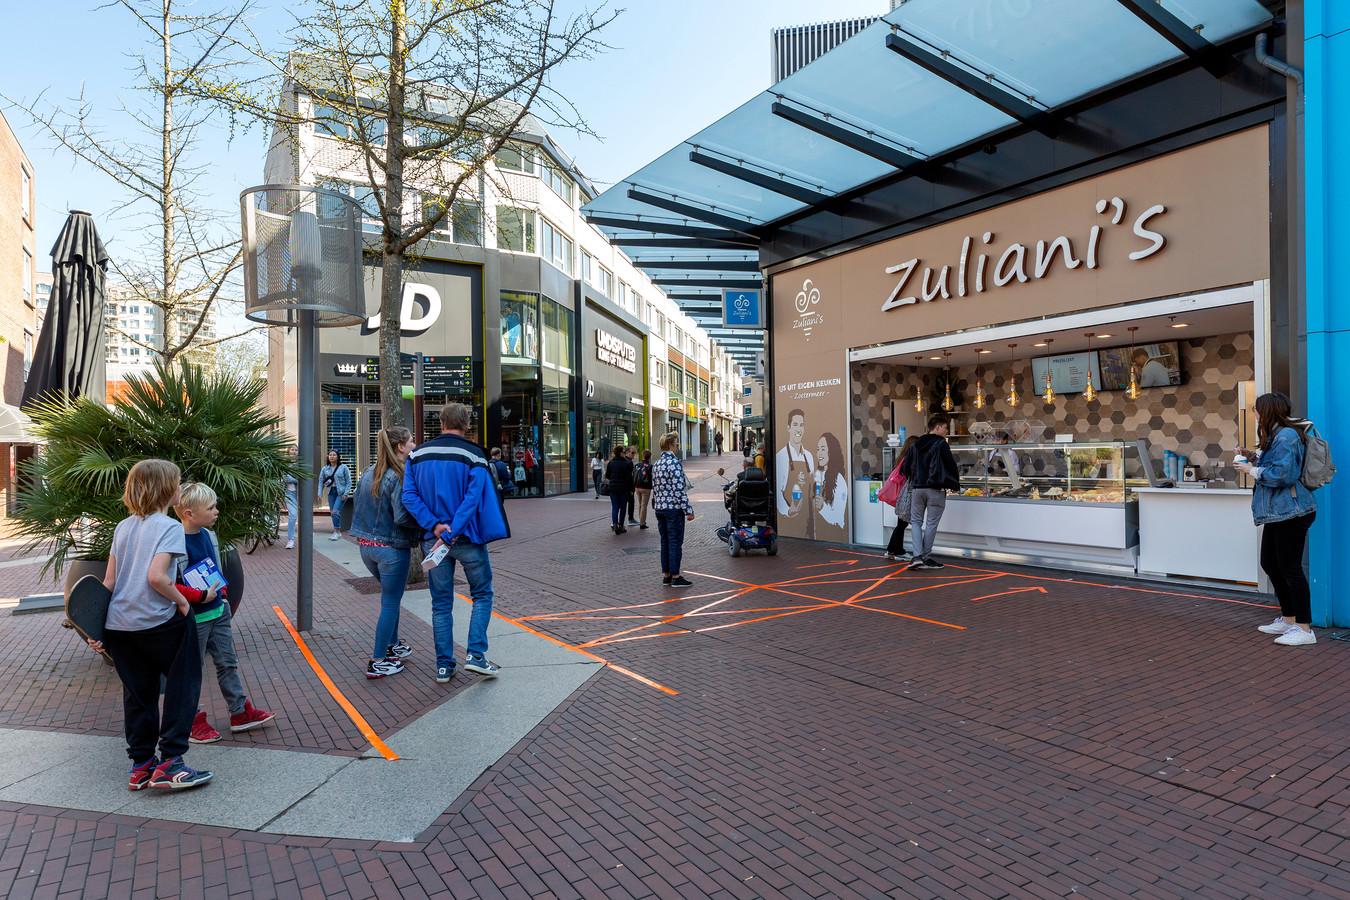 Vanwege het mooie weer zijn de ijsjes van Zuliani's wel in trek. Verder is het Stadshart op koopzondag nagenoeg leeg.